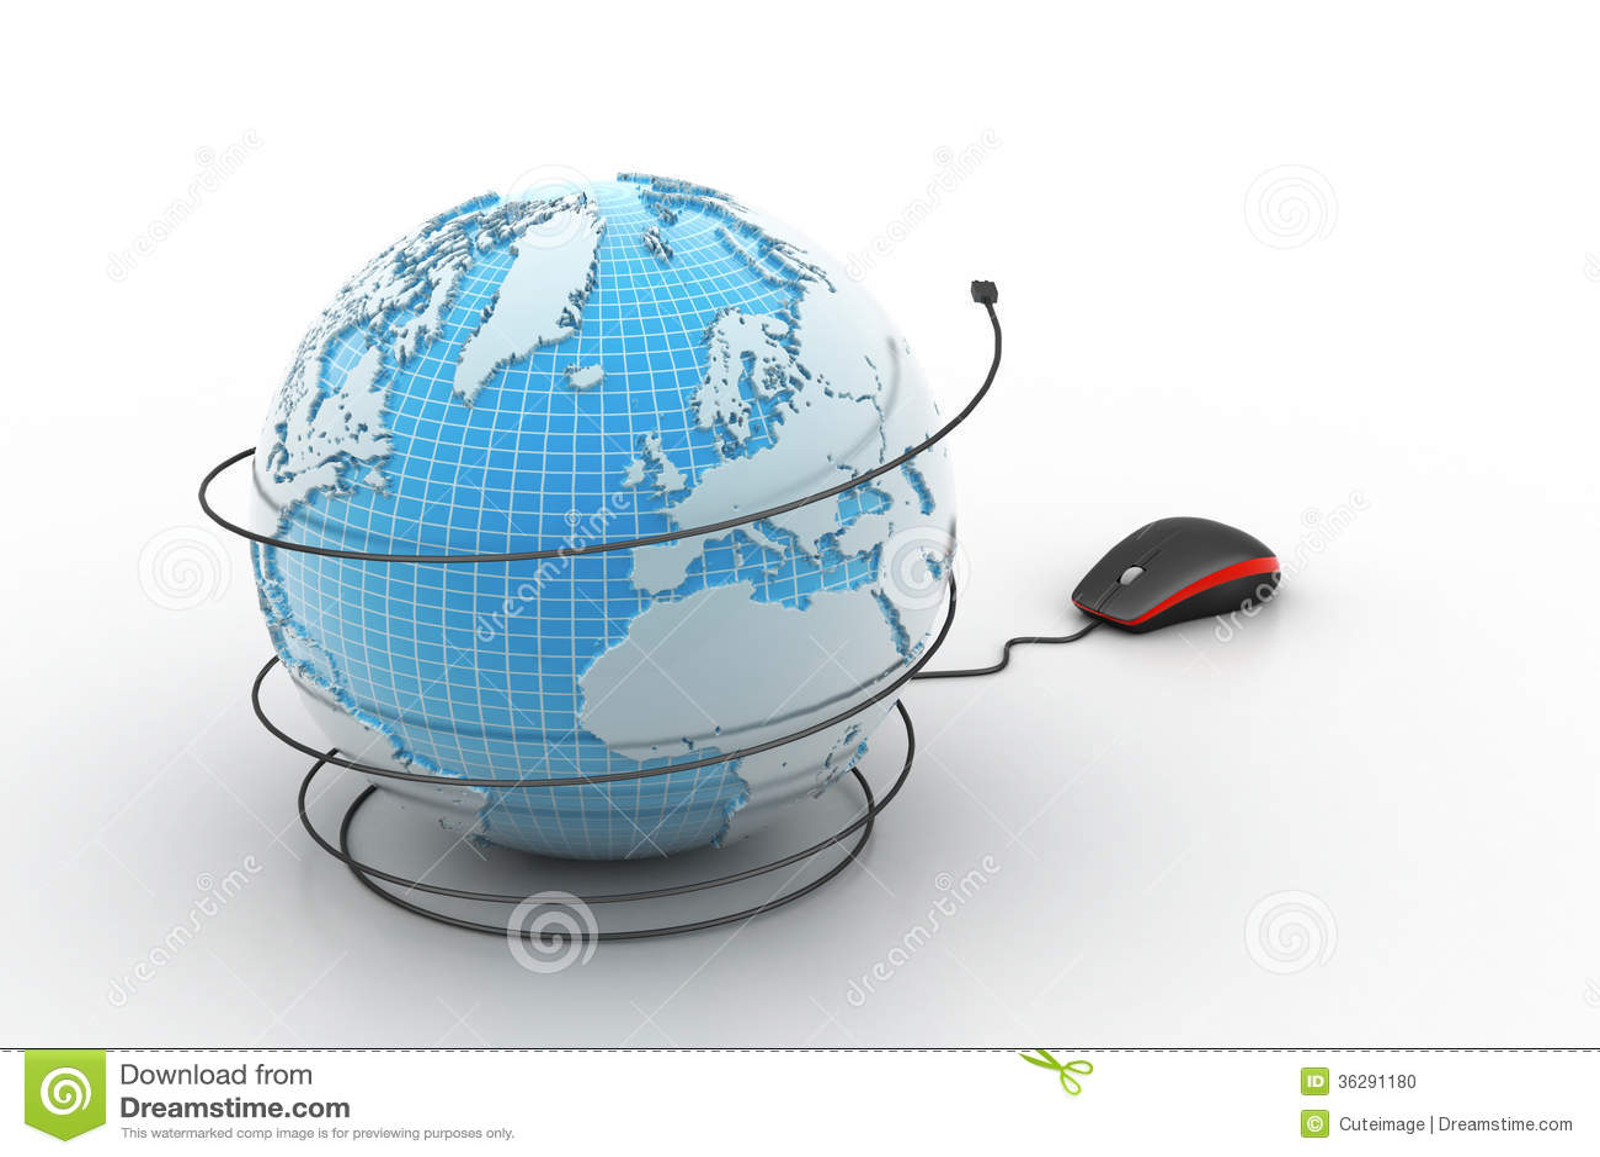 souris d 39 ordinateur avec le globe photo stock image 36291180. Black Bedroom Furniture Sets. Home Design Ideas